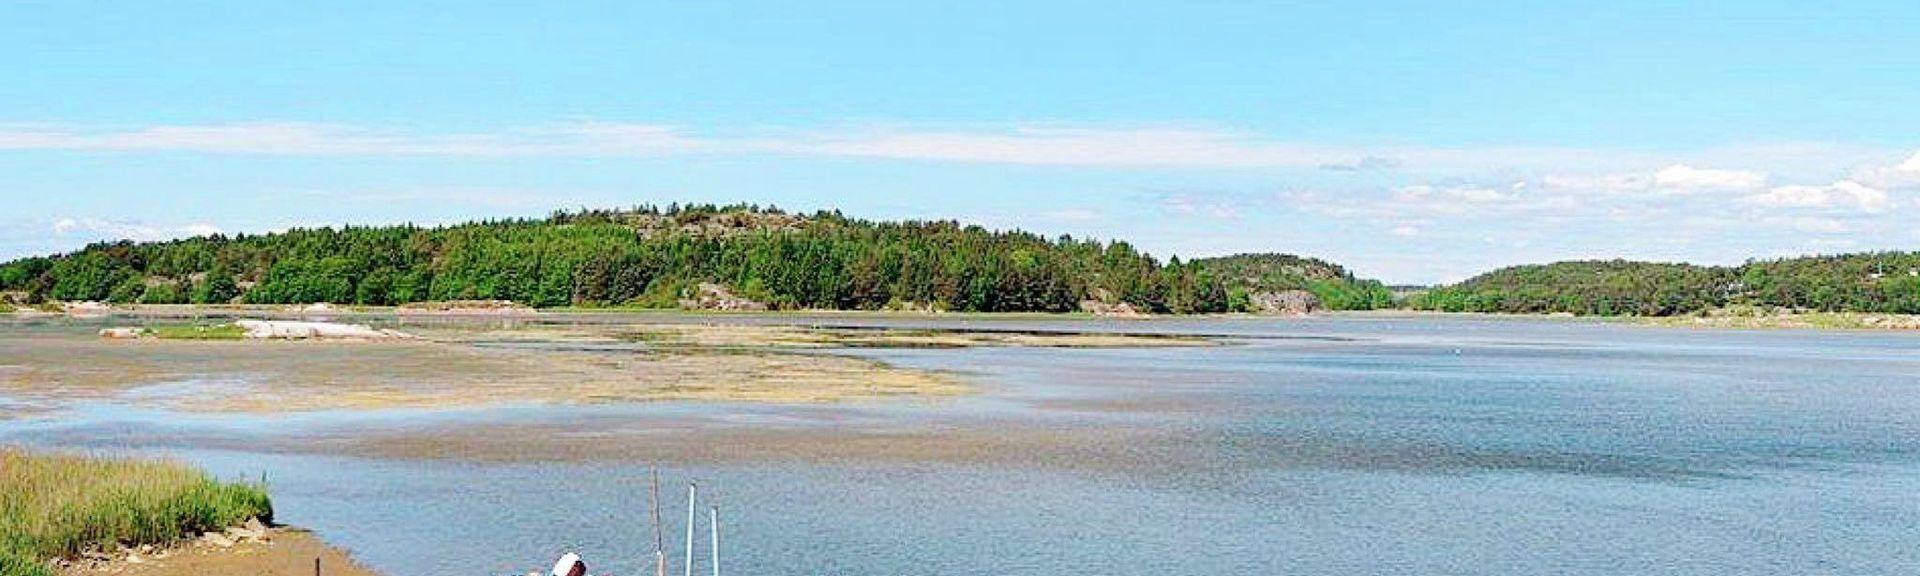 Strömstad, Västra Götalands län, Sverige